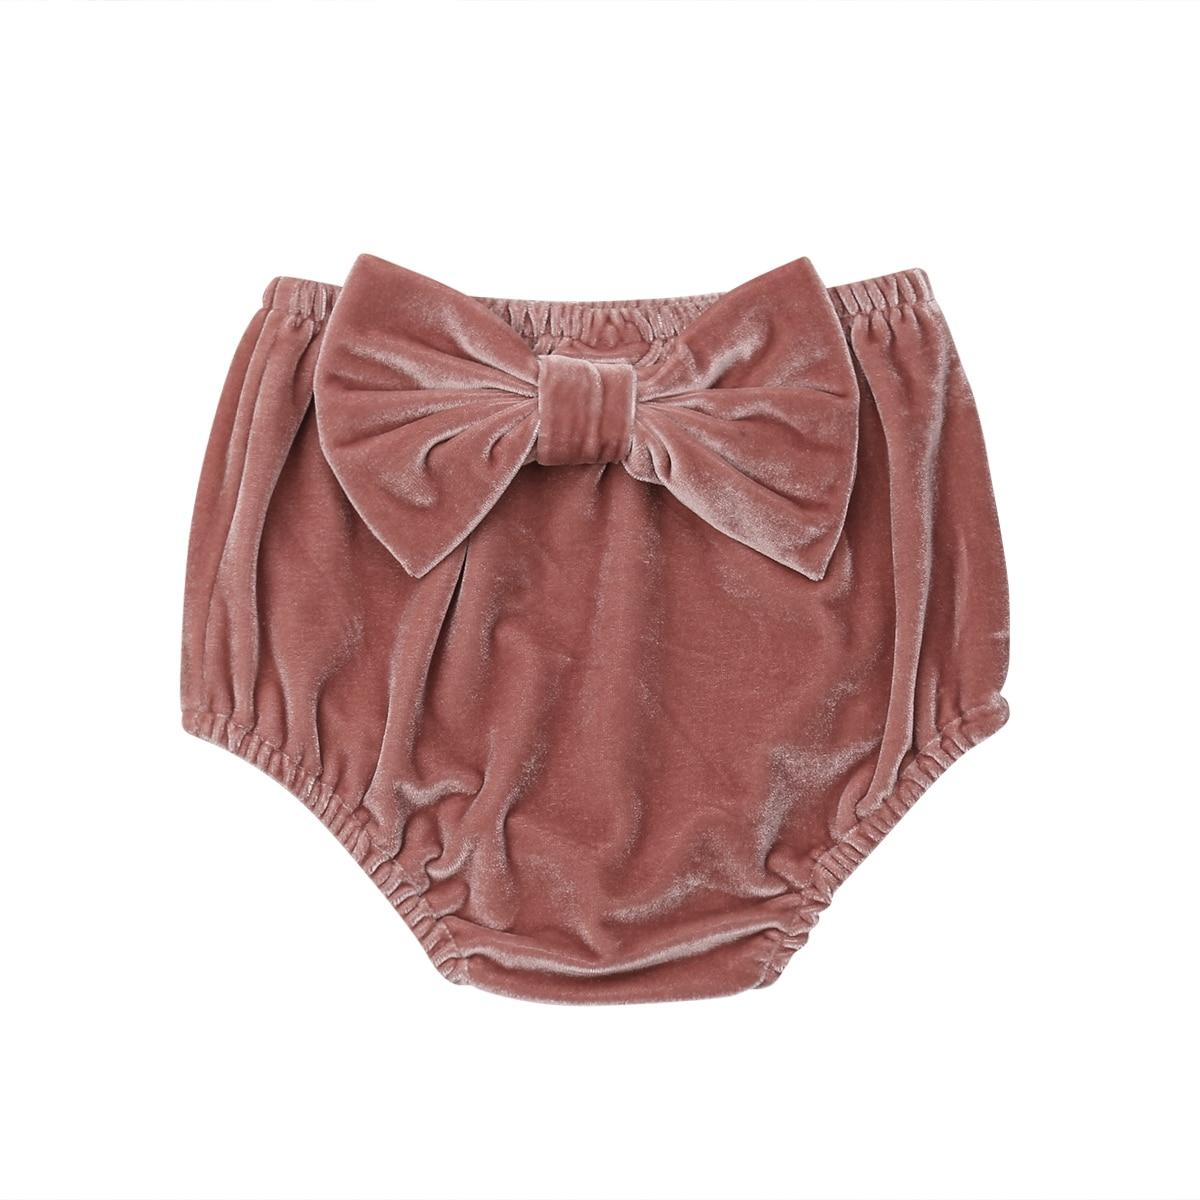 Brand New Cute Toddler Infant Baby Girl Velvet Rabbit Tail PP   Shorts   Bottoms Bloomer